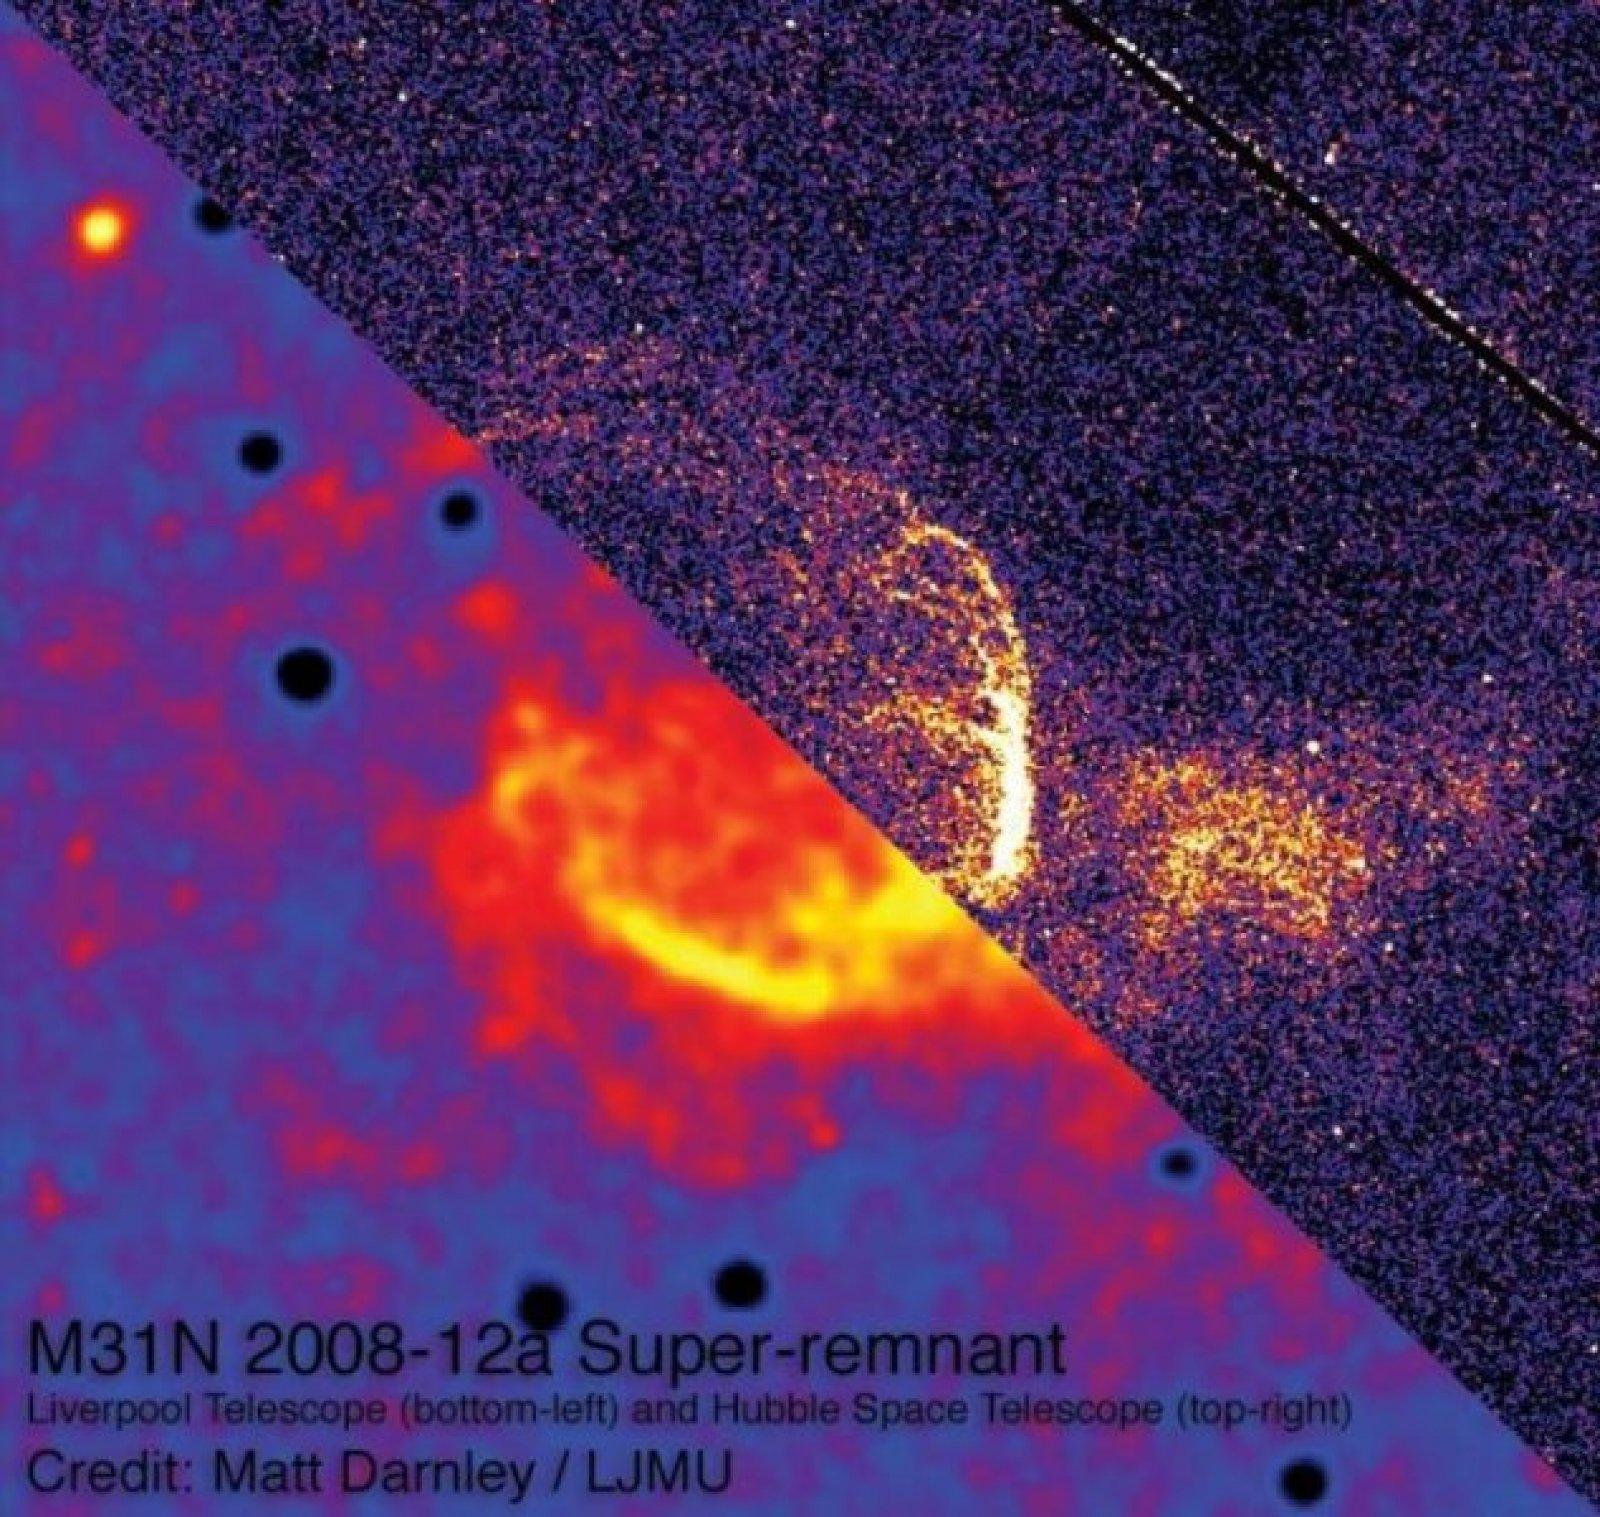 Imatge composta de les dades del Telescopi de Liverpool (inferior esquerre) i el Telescopi Espacial Hubble (superior dret)